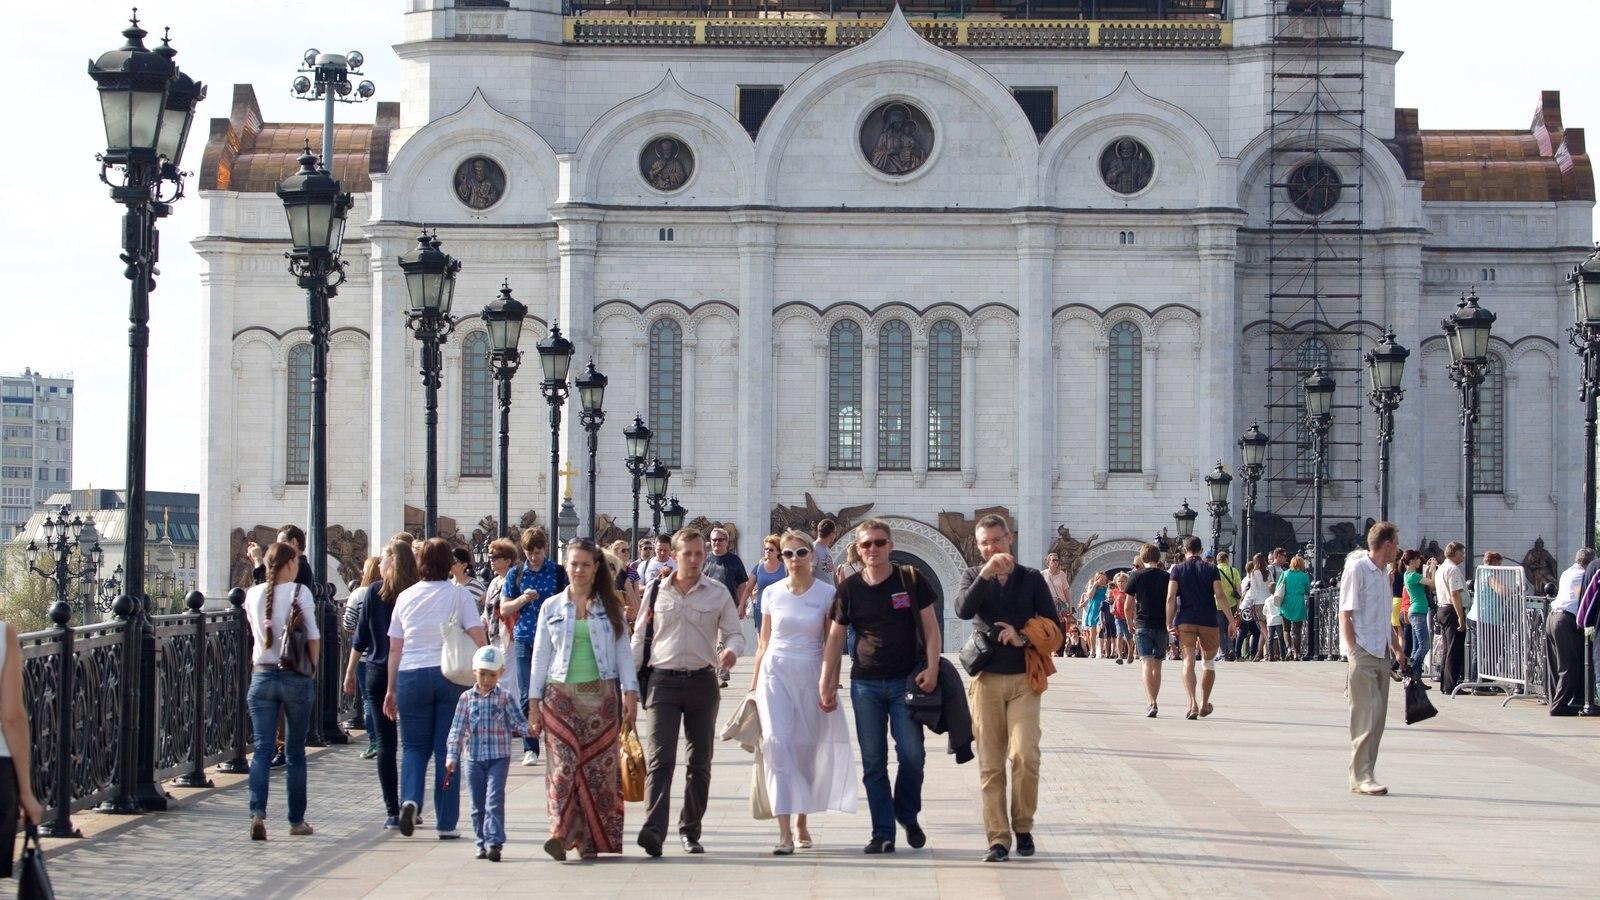 Catedral de Cristo Salvador que inclui arquitetura de patrimônio assim como um pequeno grupo de pessoas